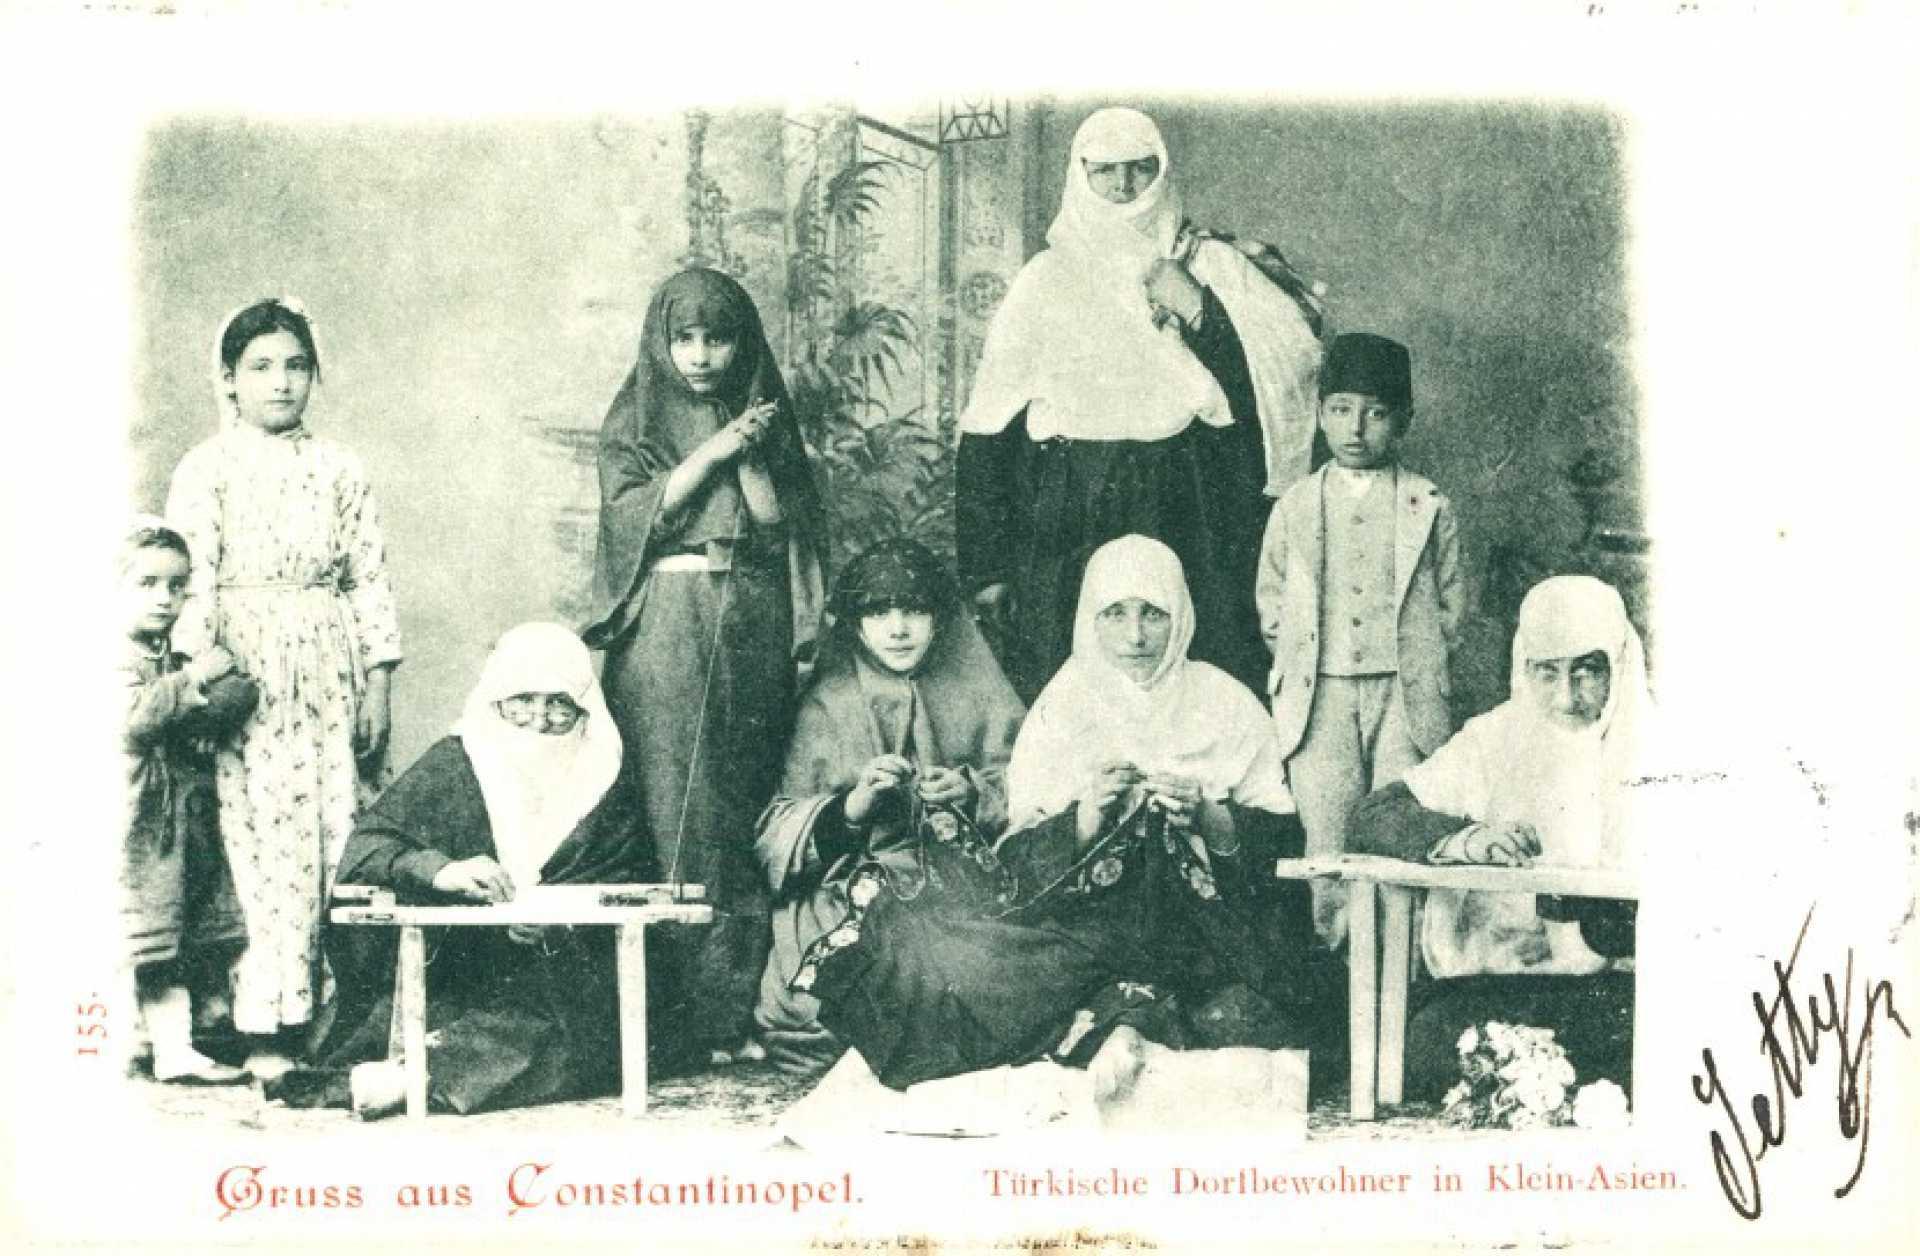 Türkische Dortbewohner in Klein-Asien